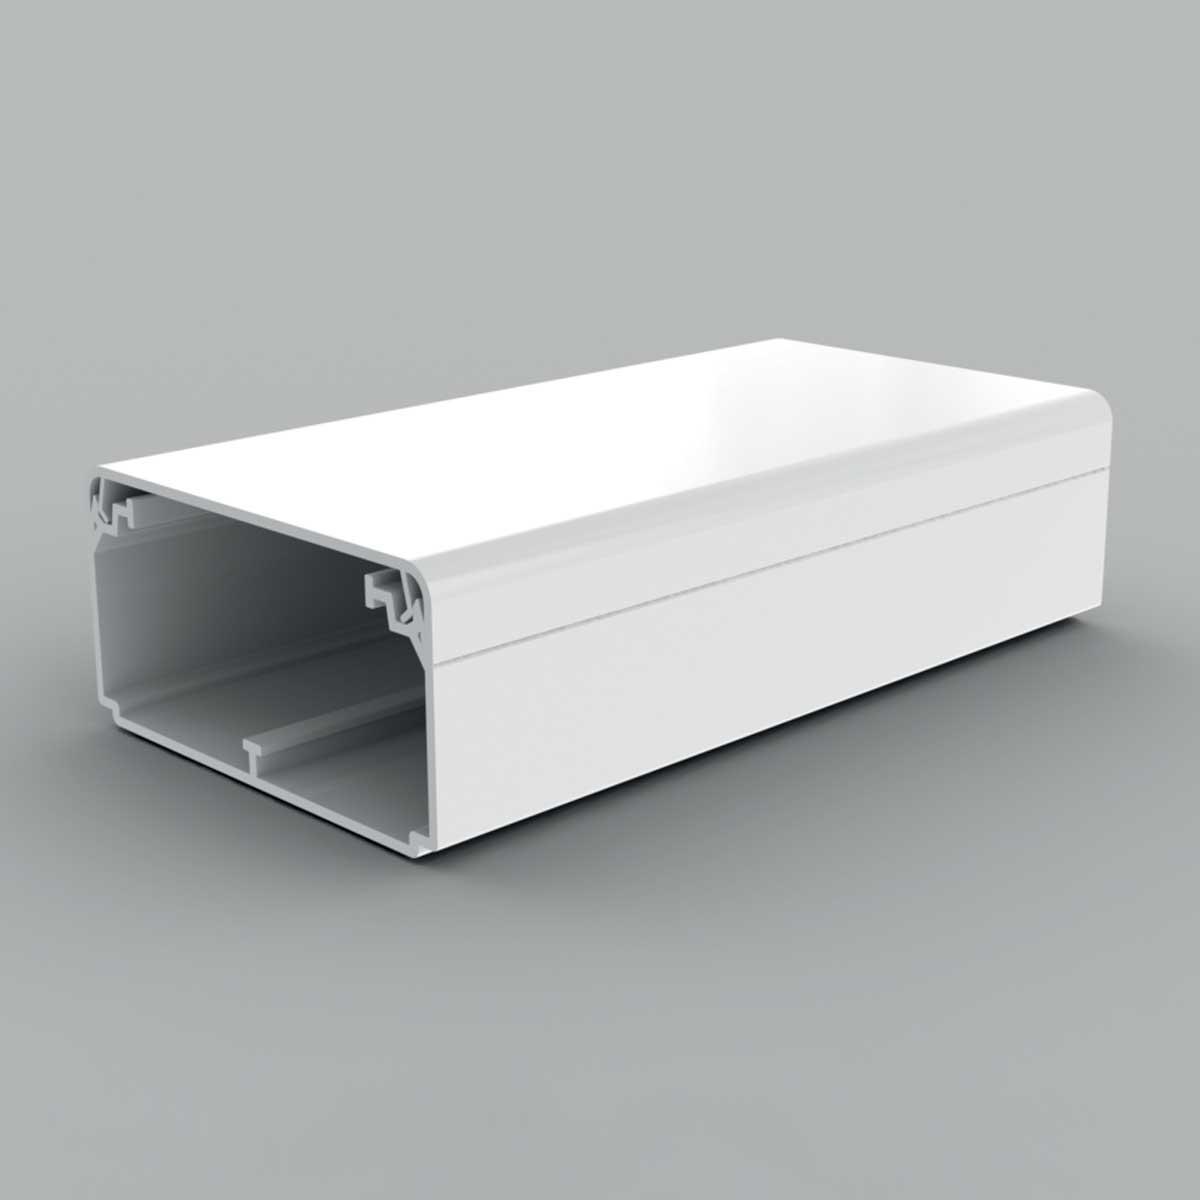 Кабельний канал білого кольору  80х40мм; Серія EKD; ПВХ